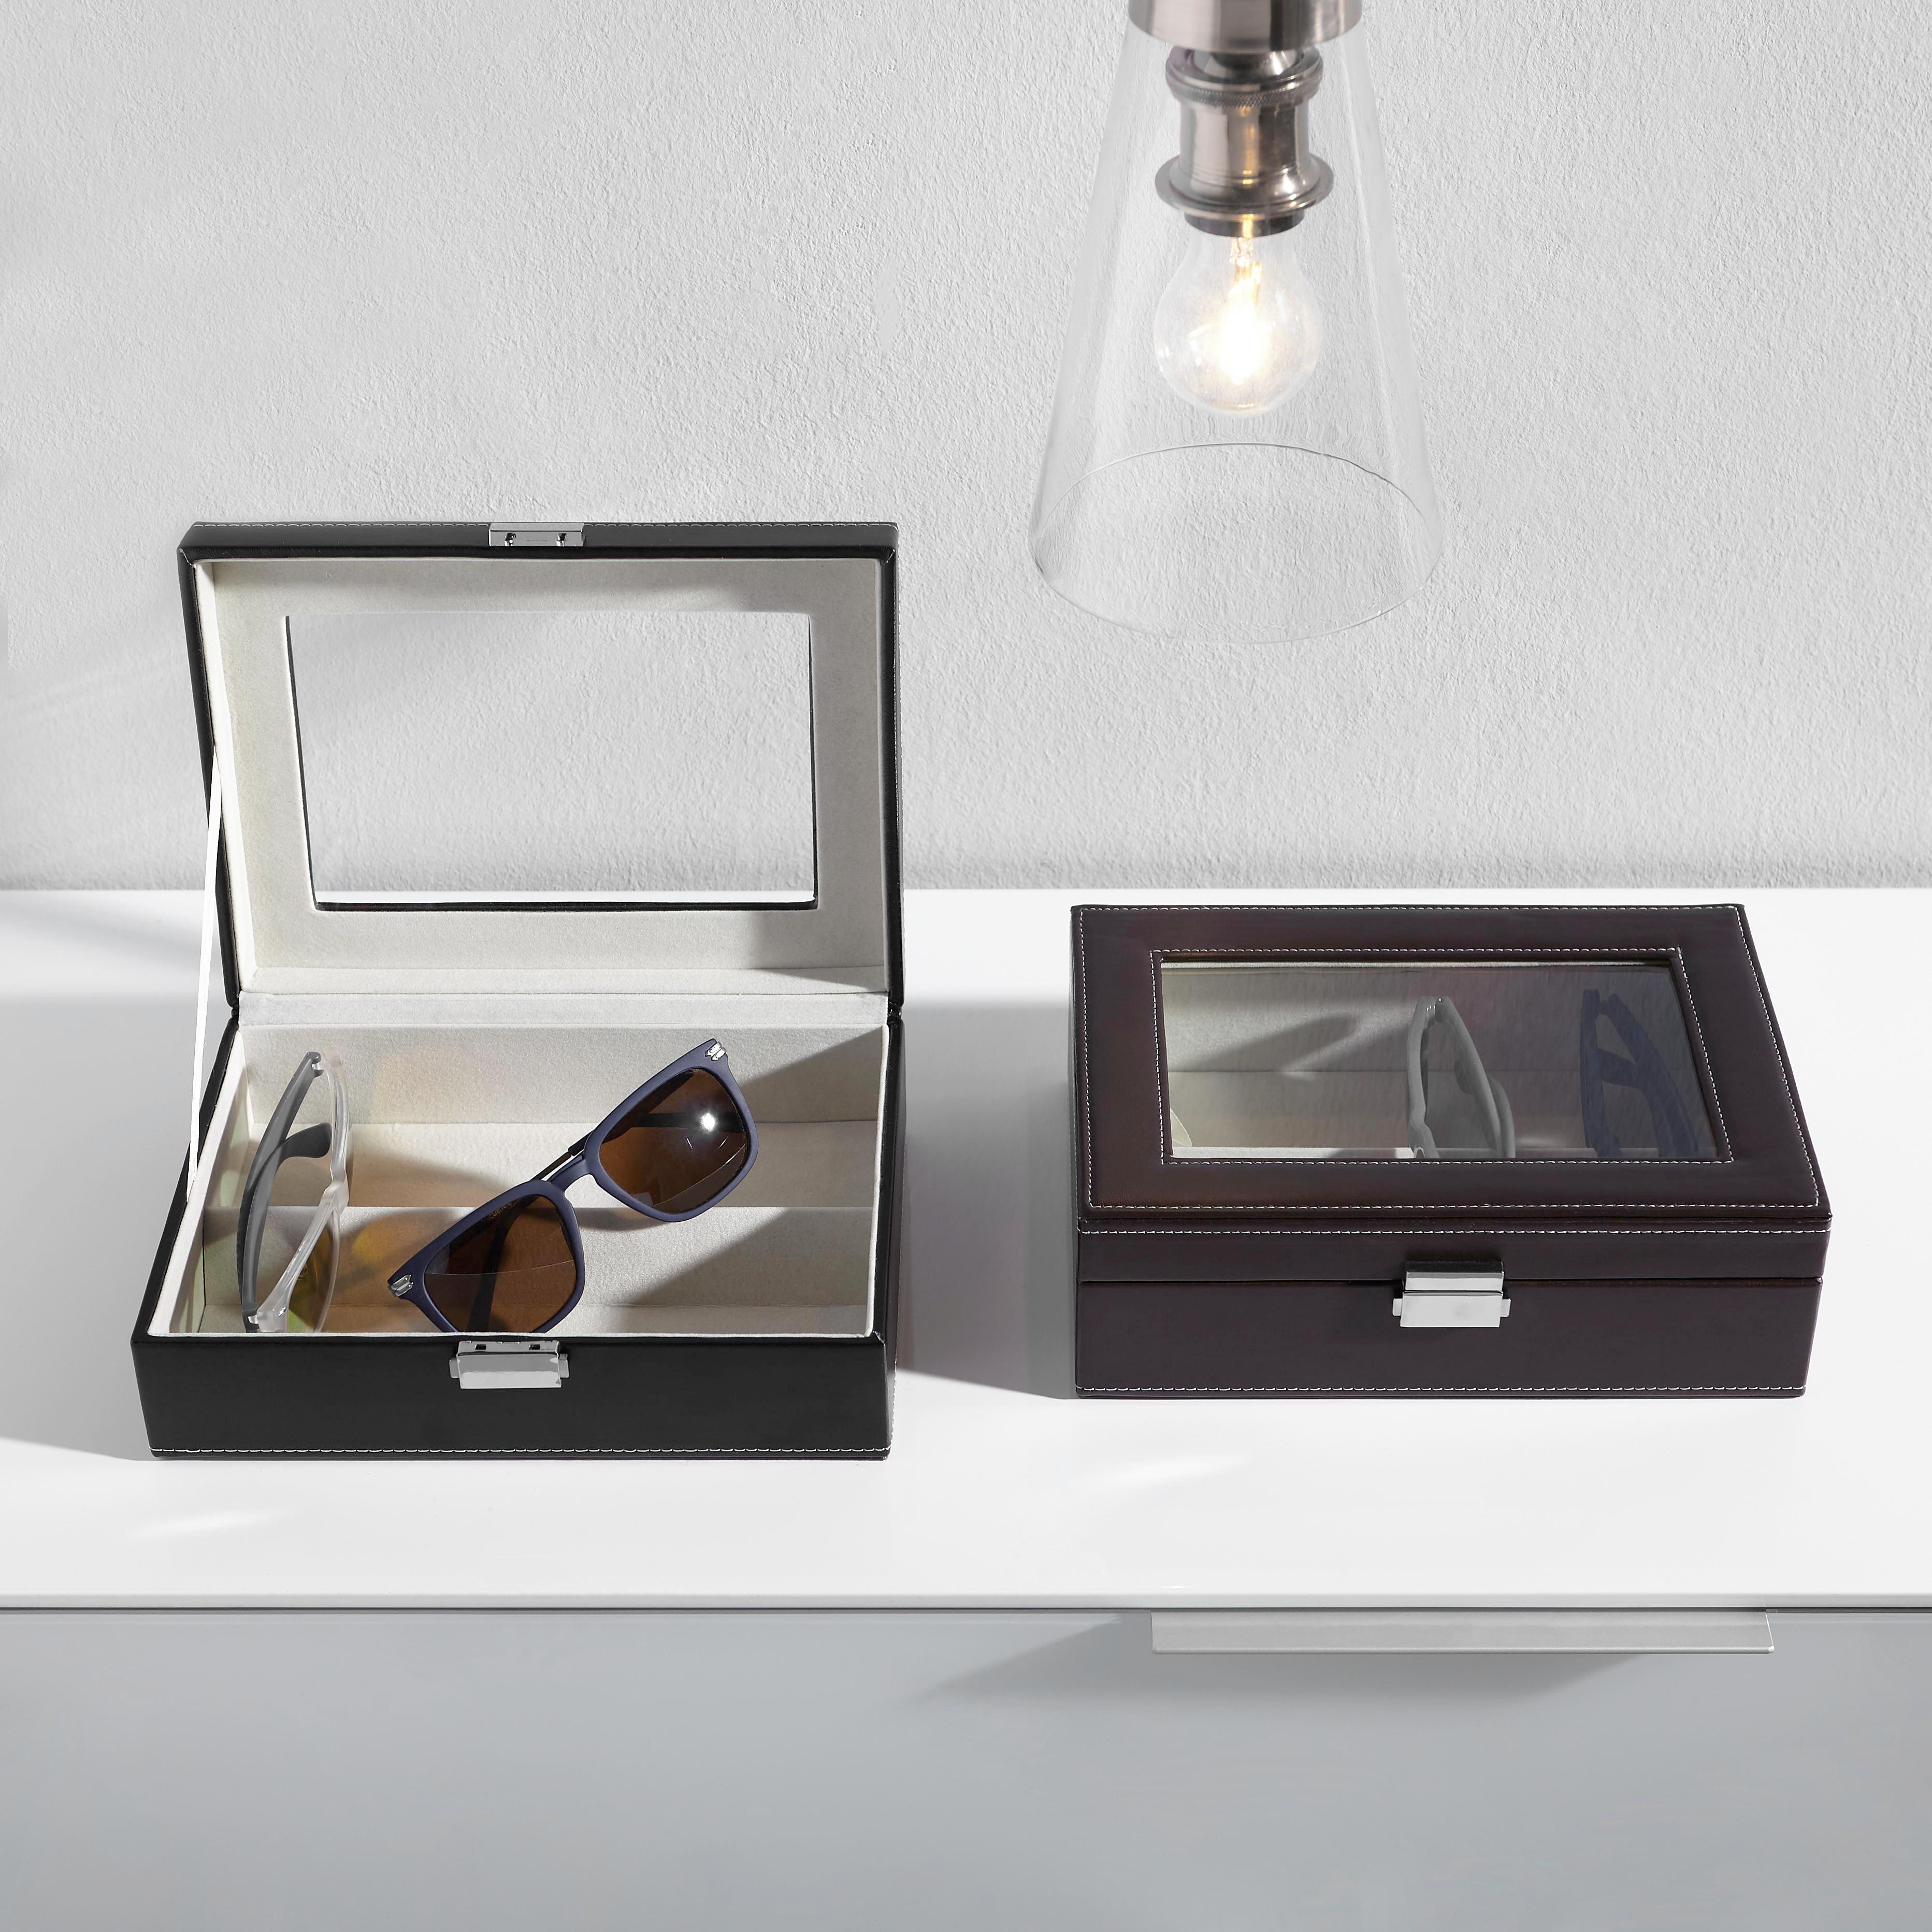 BRILLENBOX BRAUN - Dunkelbraun, Basics (25/18/8,5cm)